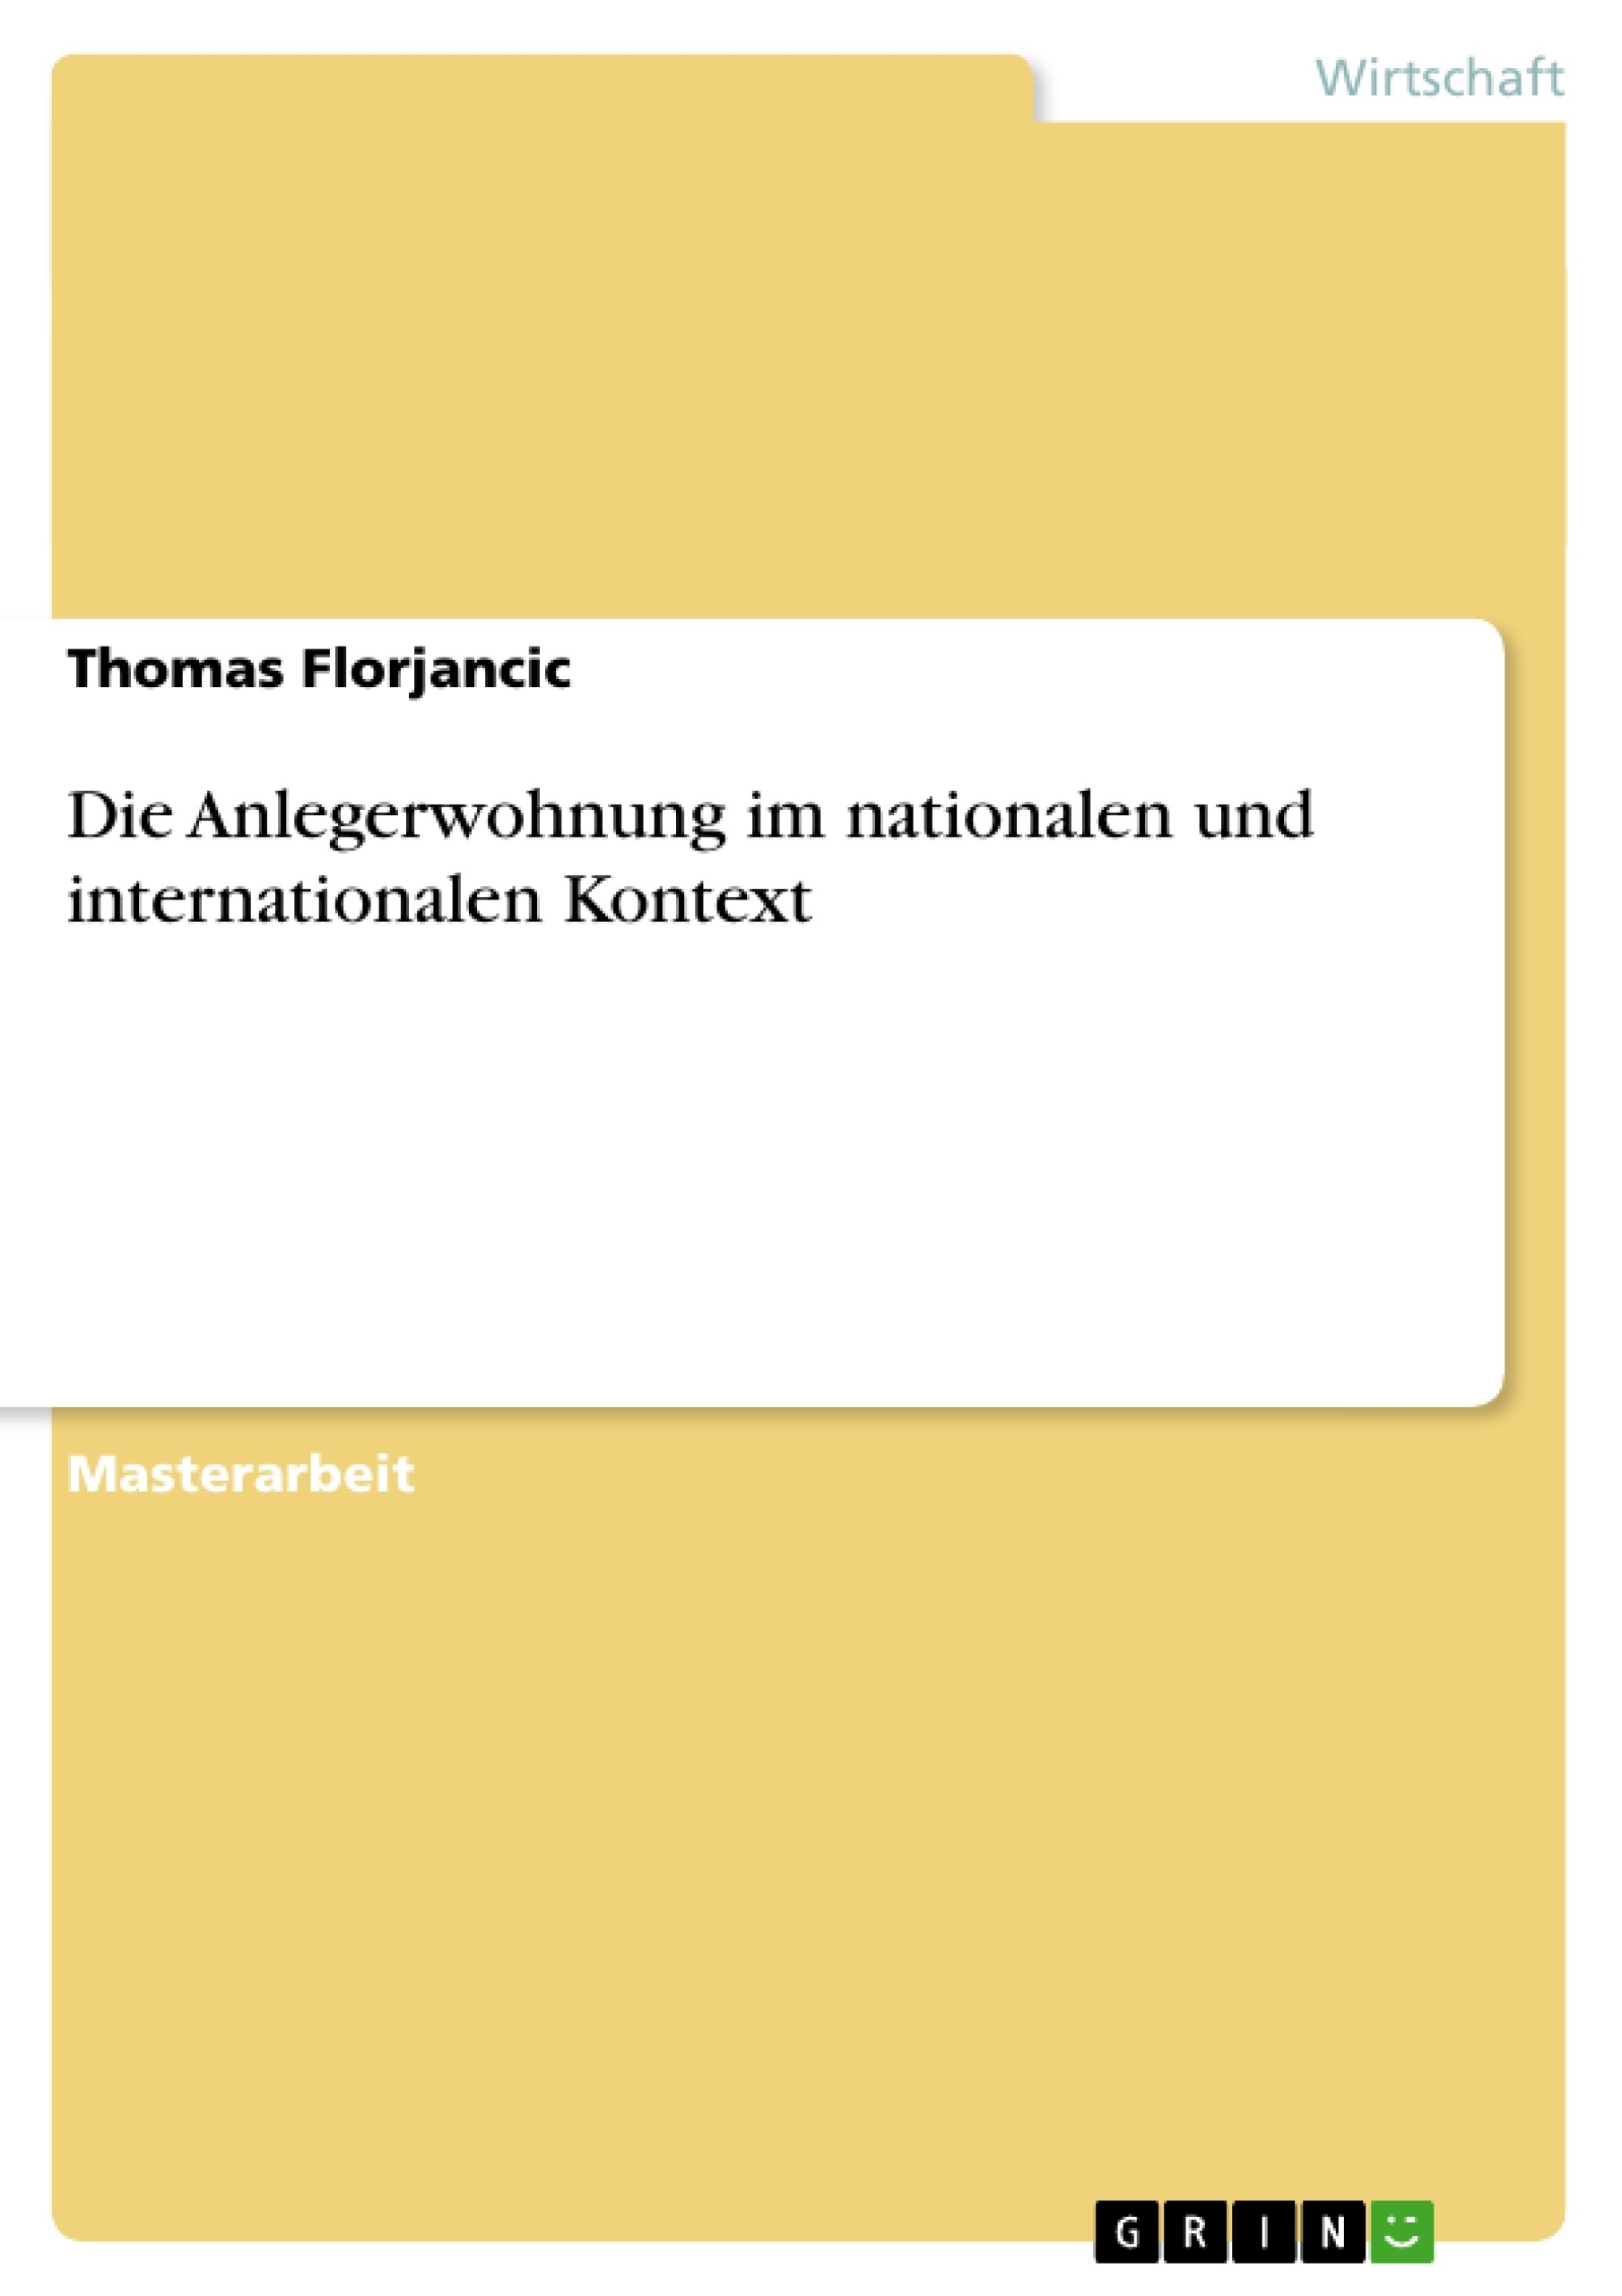 Titel: Die Anlegerwohnung im nationalen und internationalen Kontext